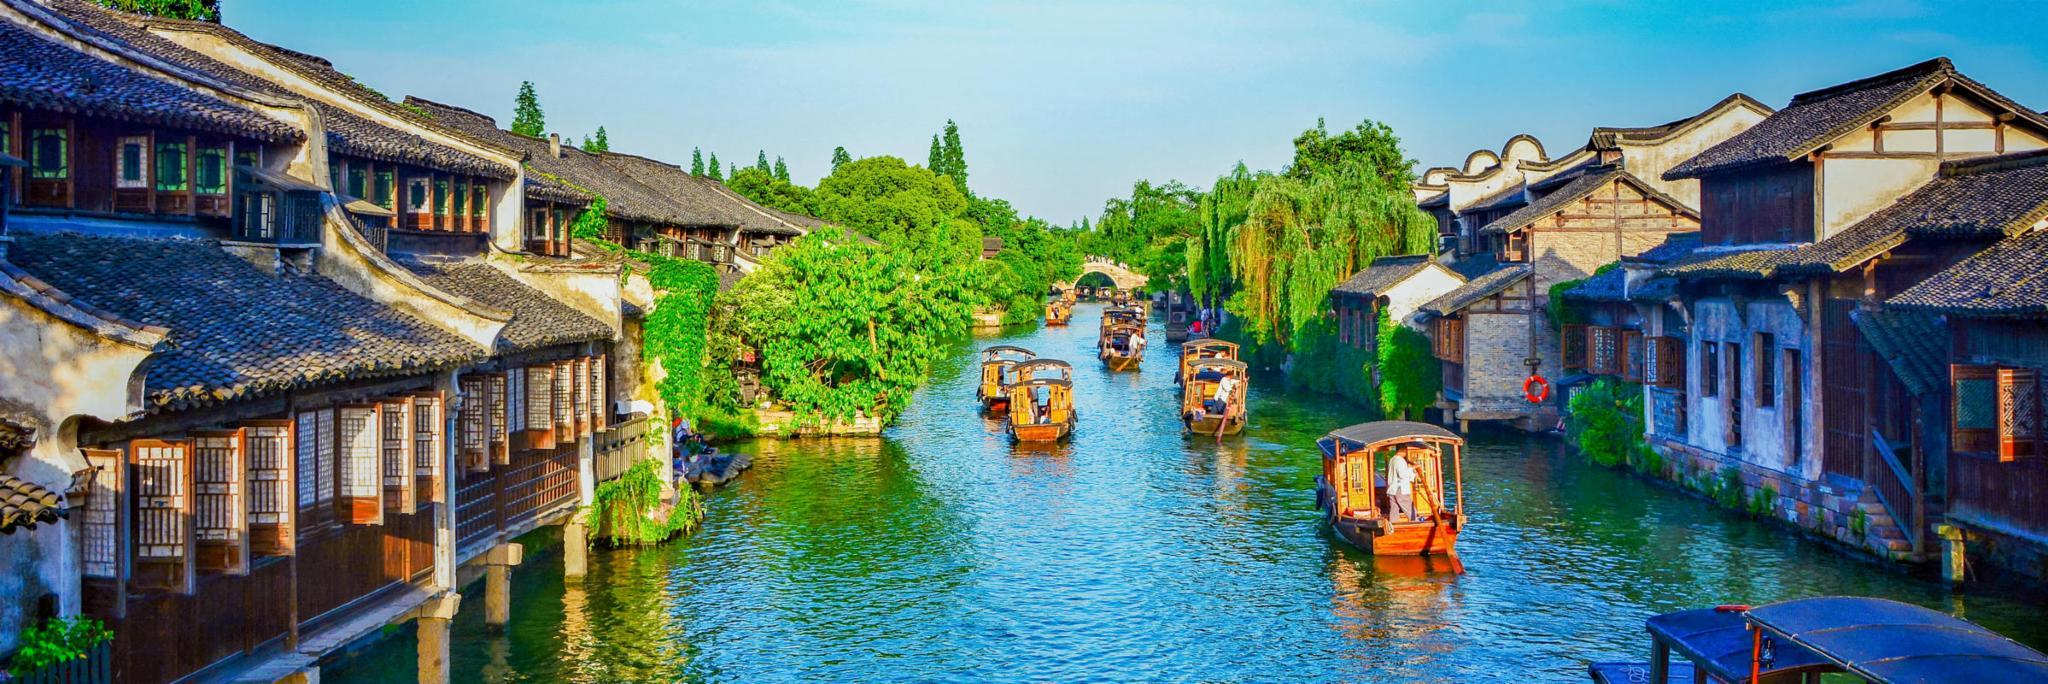 乌镇旅游 樱花树下惬享江南水乡的慢时光